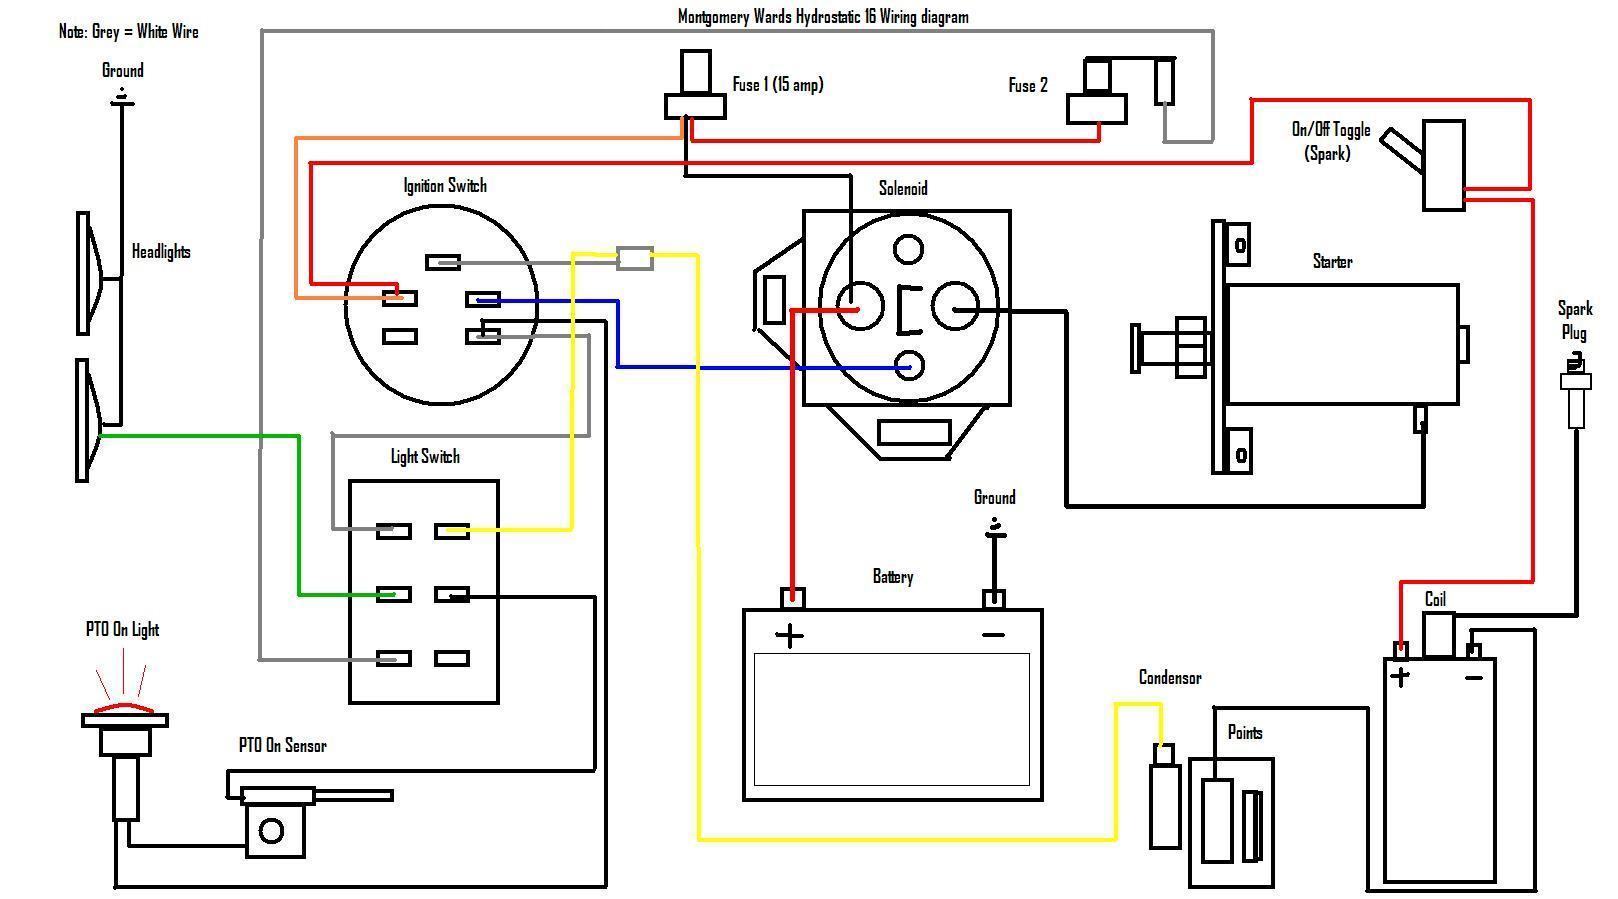 John Deere 3520 Wiring Diagram - B C Rich Wiring Harness -  fords8n.furnaces.jeanjaures37.fr | John Deere 3520 Wiring Diagrams |  | Wiring Diagram Resource